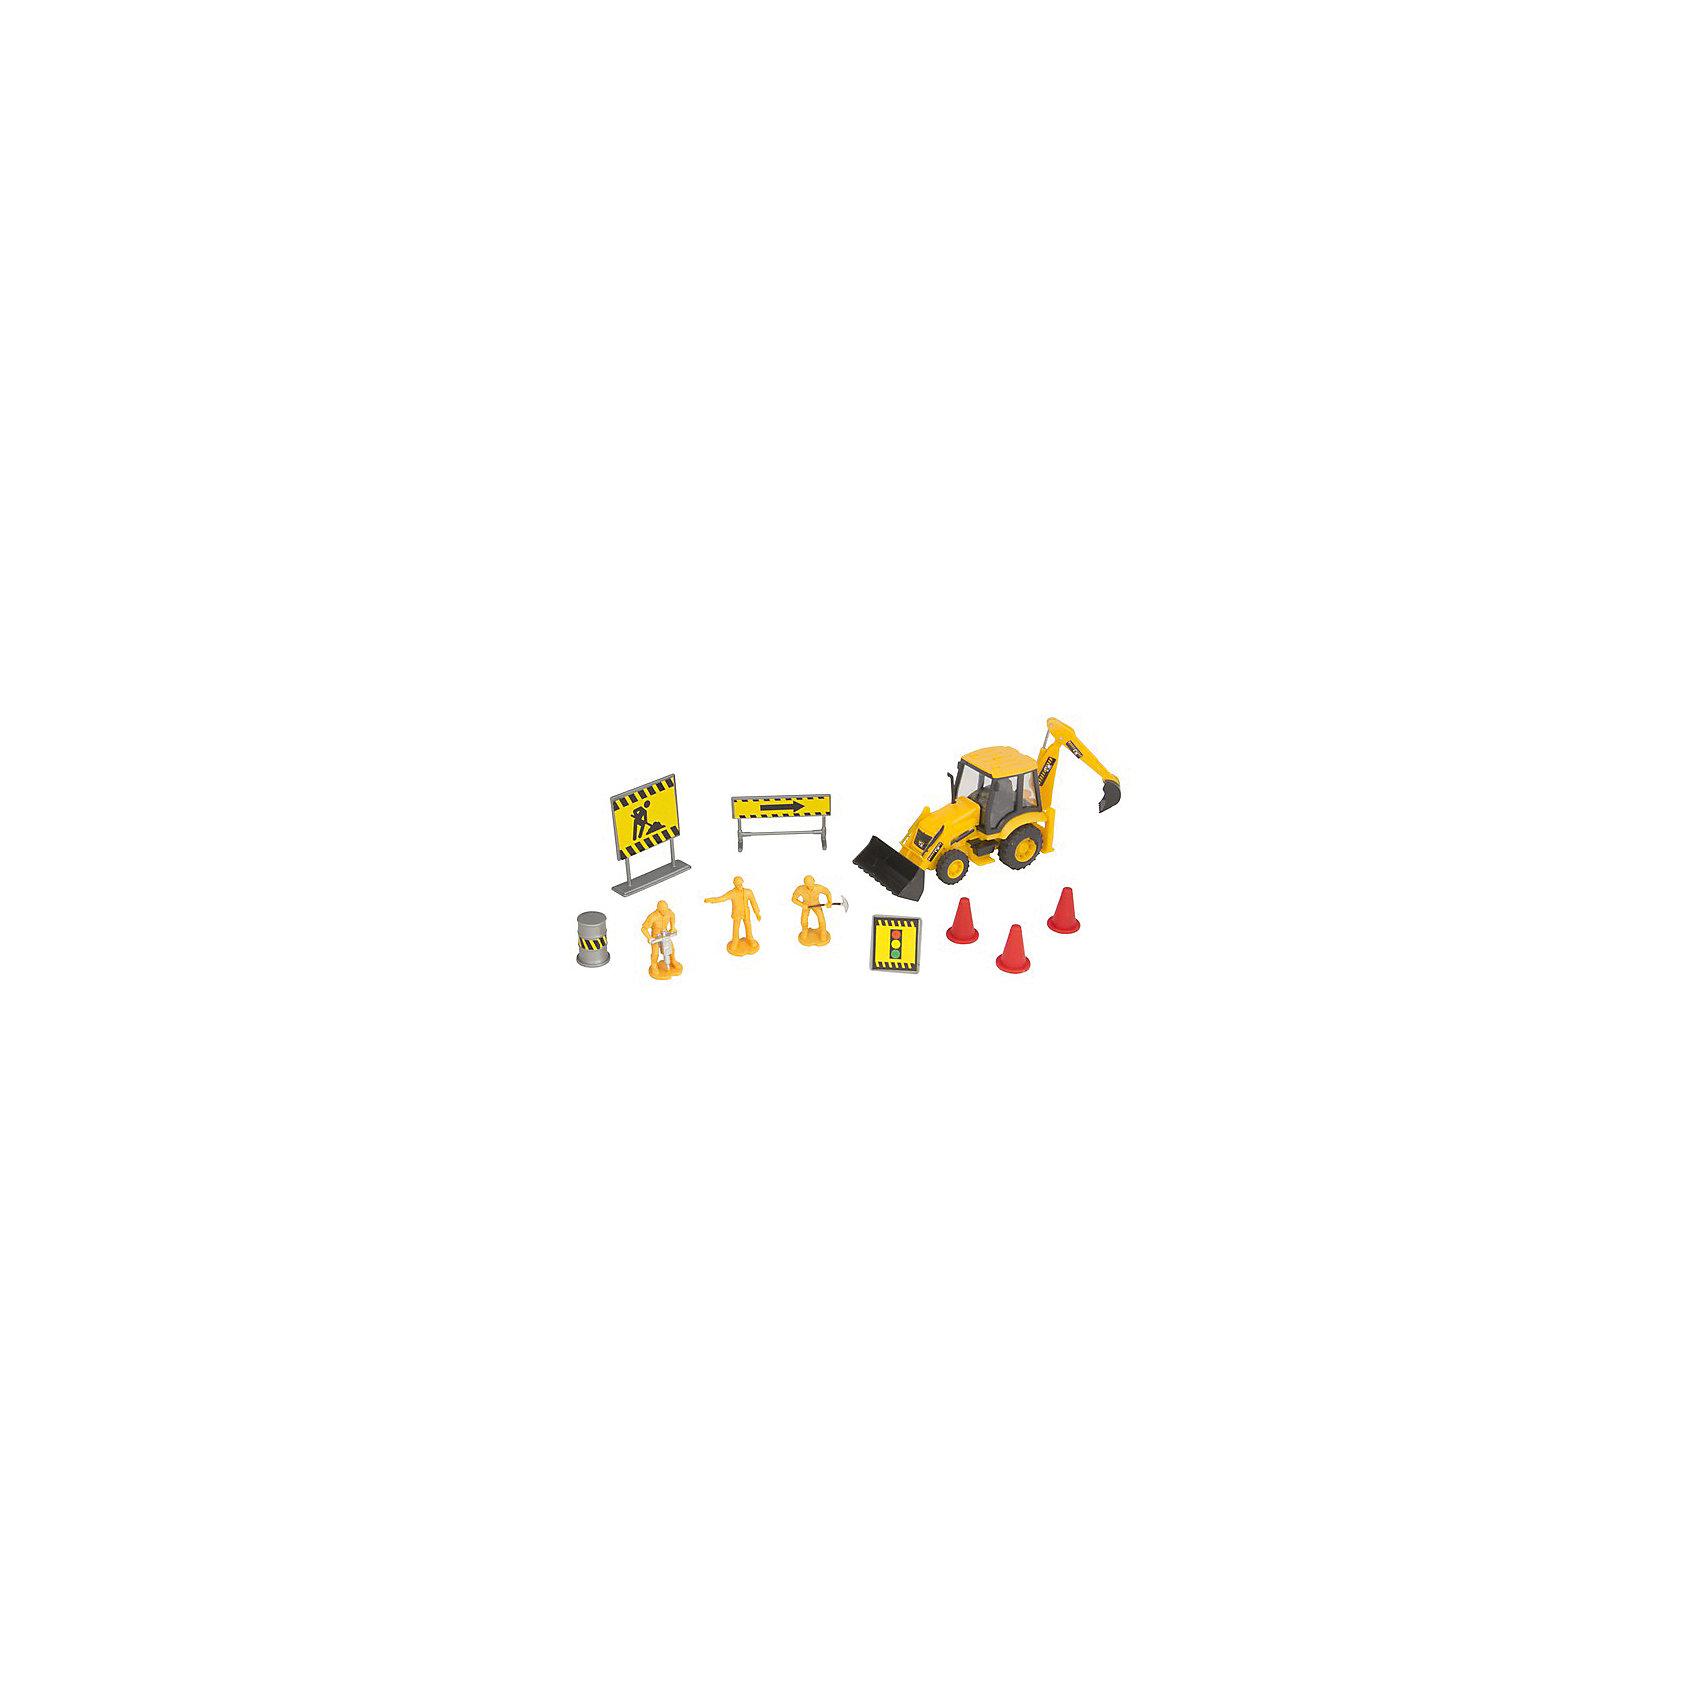 Строительная команда с трактором, HTl GrоuрМашинки<br>Строительство и автомобили – две темы, которые волнуют большинство мужчин с самого рождения. Обладать собственной строительной командой с соответствующей техникой – неимоверная радость для любого мальчишки! Пусть даже это будет сильно уменьшенная копия.<br>Британский бренд HTI предлагает набор «Строительная команда» в трех вариантах. Модели машин максимально детализированы и имеют множество подвижных частей. Фигурки рабочих с аксессуарами сделают ролевую игру максимально приближенной к реальности. Такой набор рекомендуется детям с 3 лет, но сможет занять достойное место в коллекции моделей взрослого человека.<br><br>Дополнительная информация:<br><br>Комплект: трактор, 3 фигурки рабочих, аксессуары.<br>Материал: пластик.<br>Размер упаковки: 10.2 х 11.5 х 36.2 см.<br><br>Строительная команда с трактором, HTl Grоuр можно купить в нашем магазине.<br><br>Ширина мм: 36<br>Глубина мм: 10<br>Высота мм: 12<br>Вес г: 150<br>Возраст от месяцев: 36<br>Возраст до месяцев: 96<br>Пол: Мужской<br>Возраст: Детский<br>SKU: 4574047